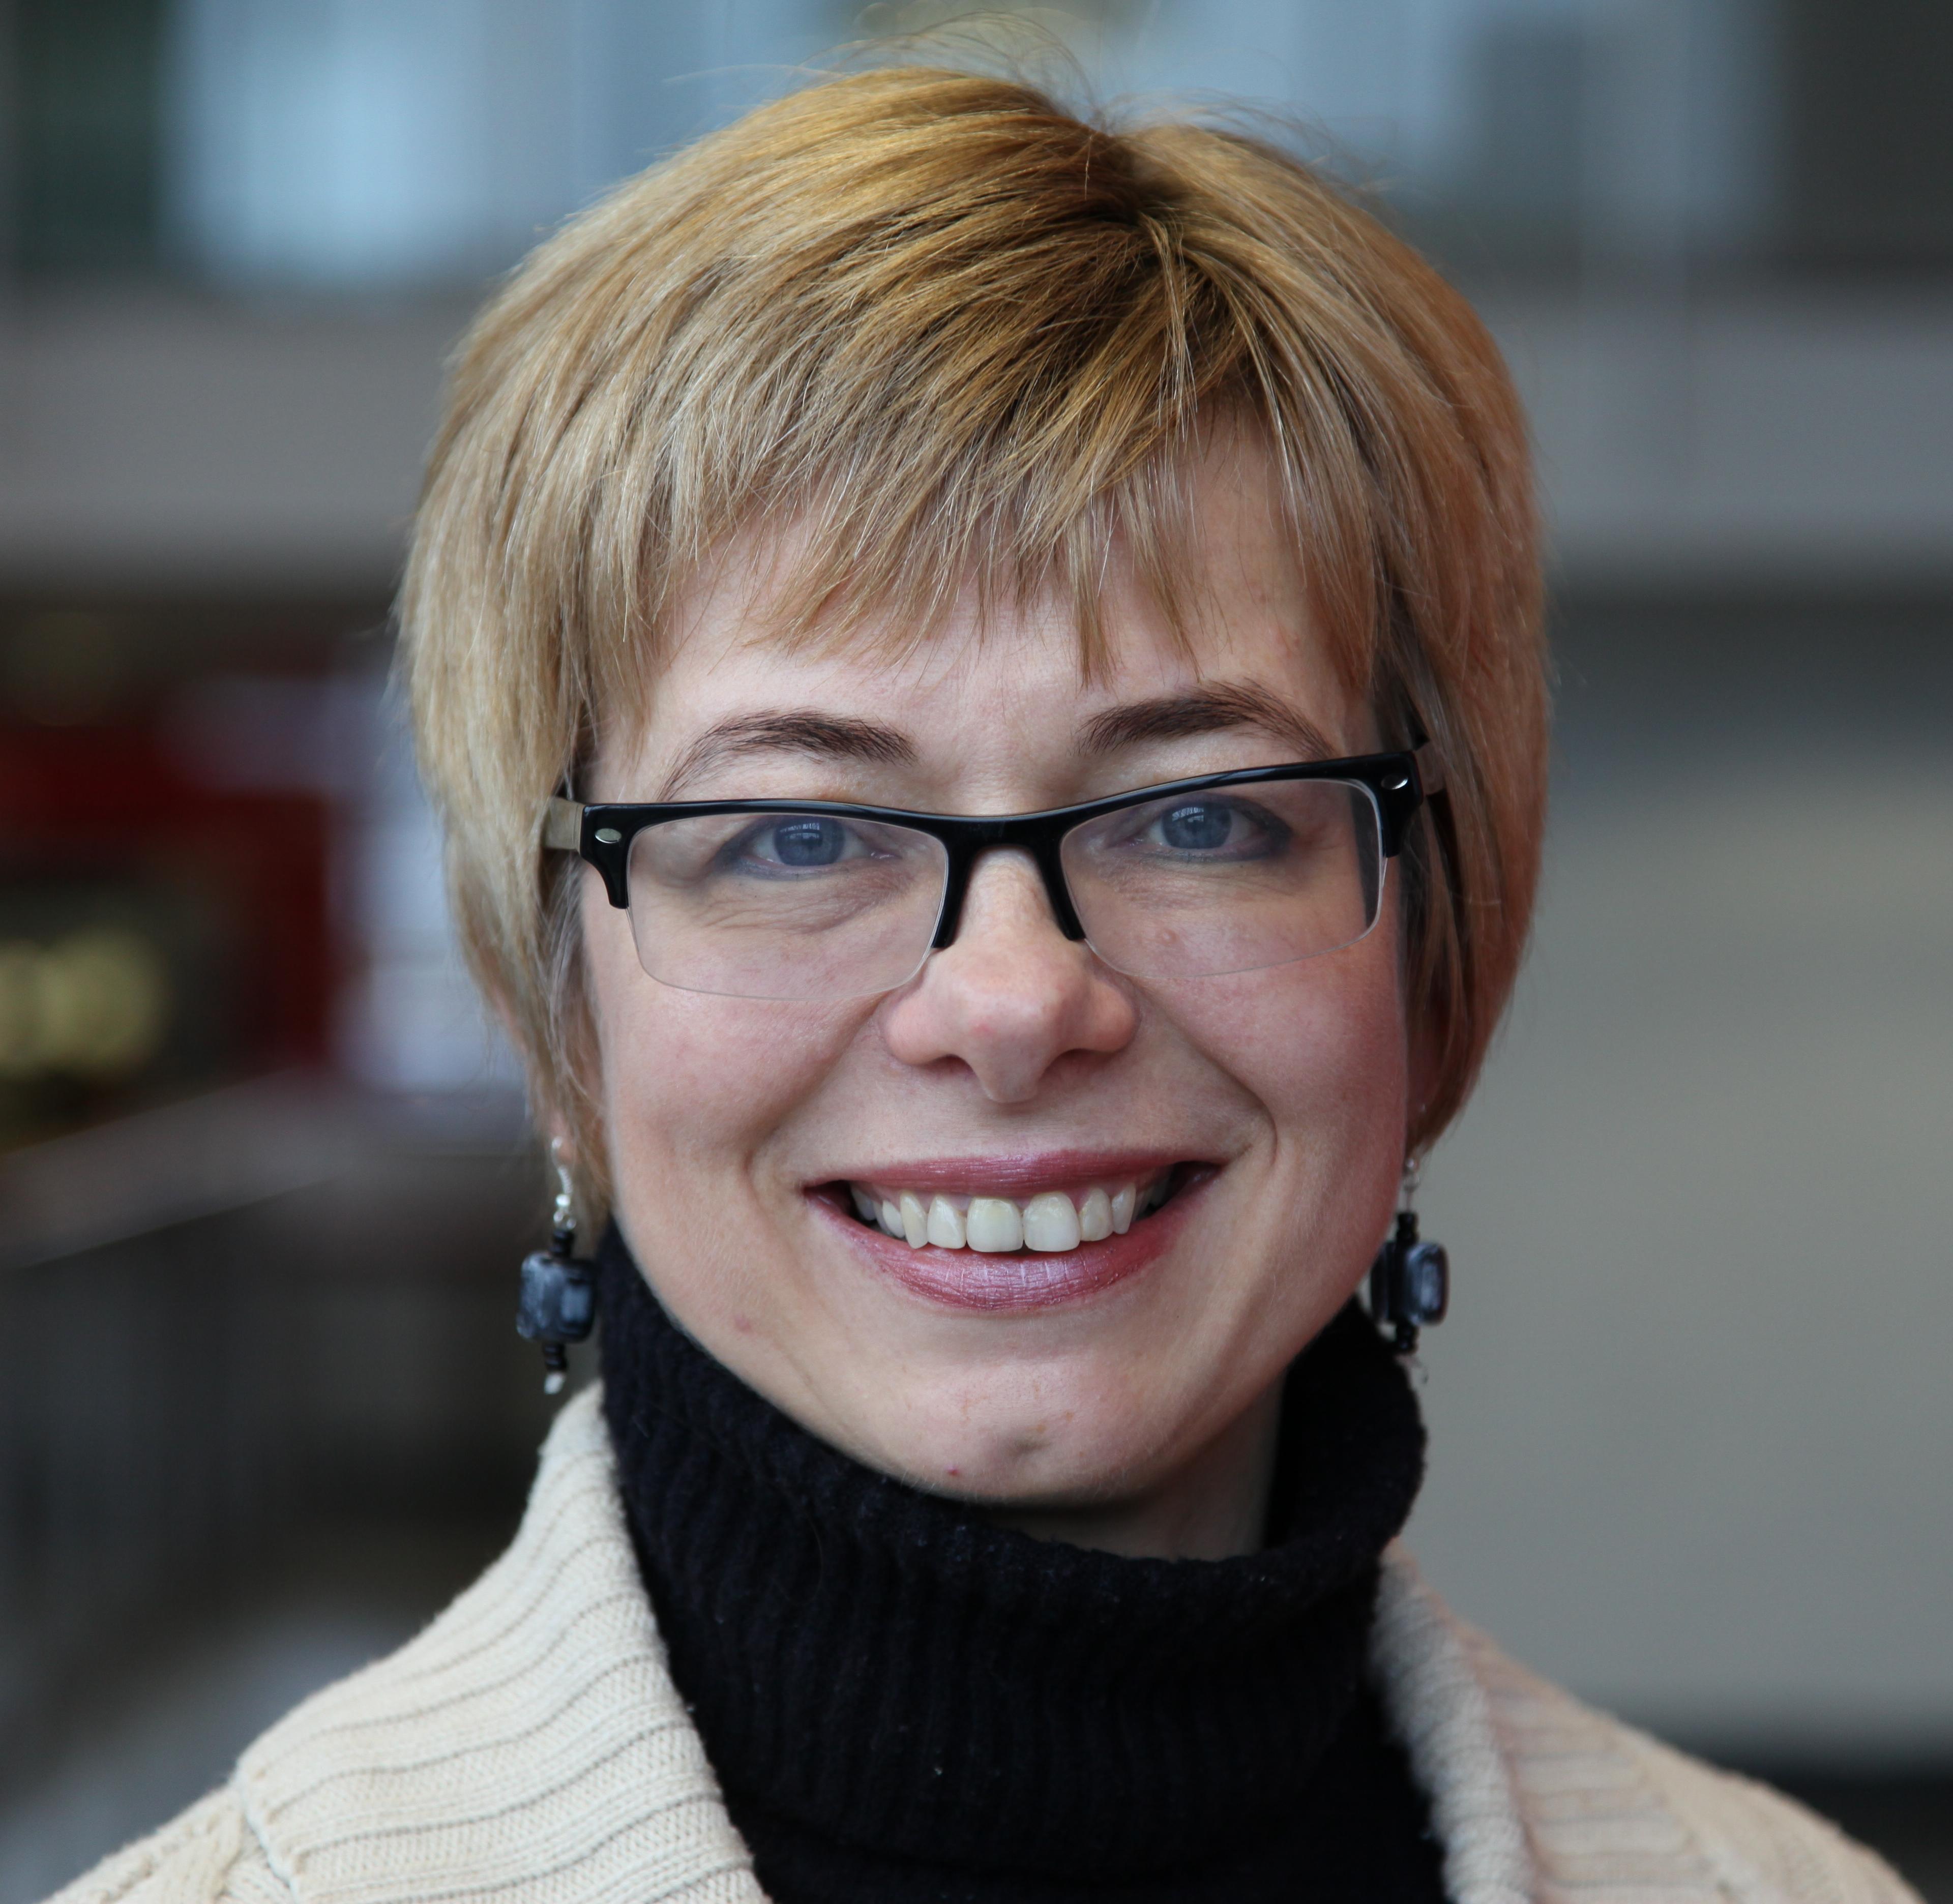 Kataryna Wolczuk